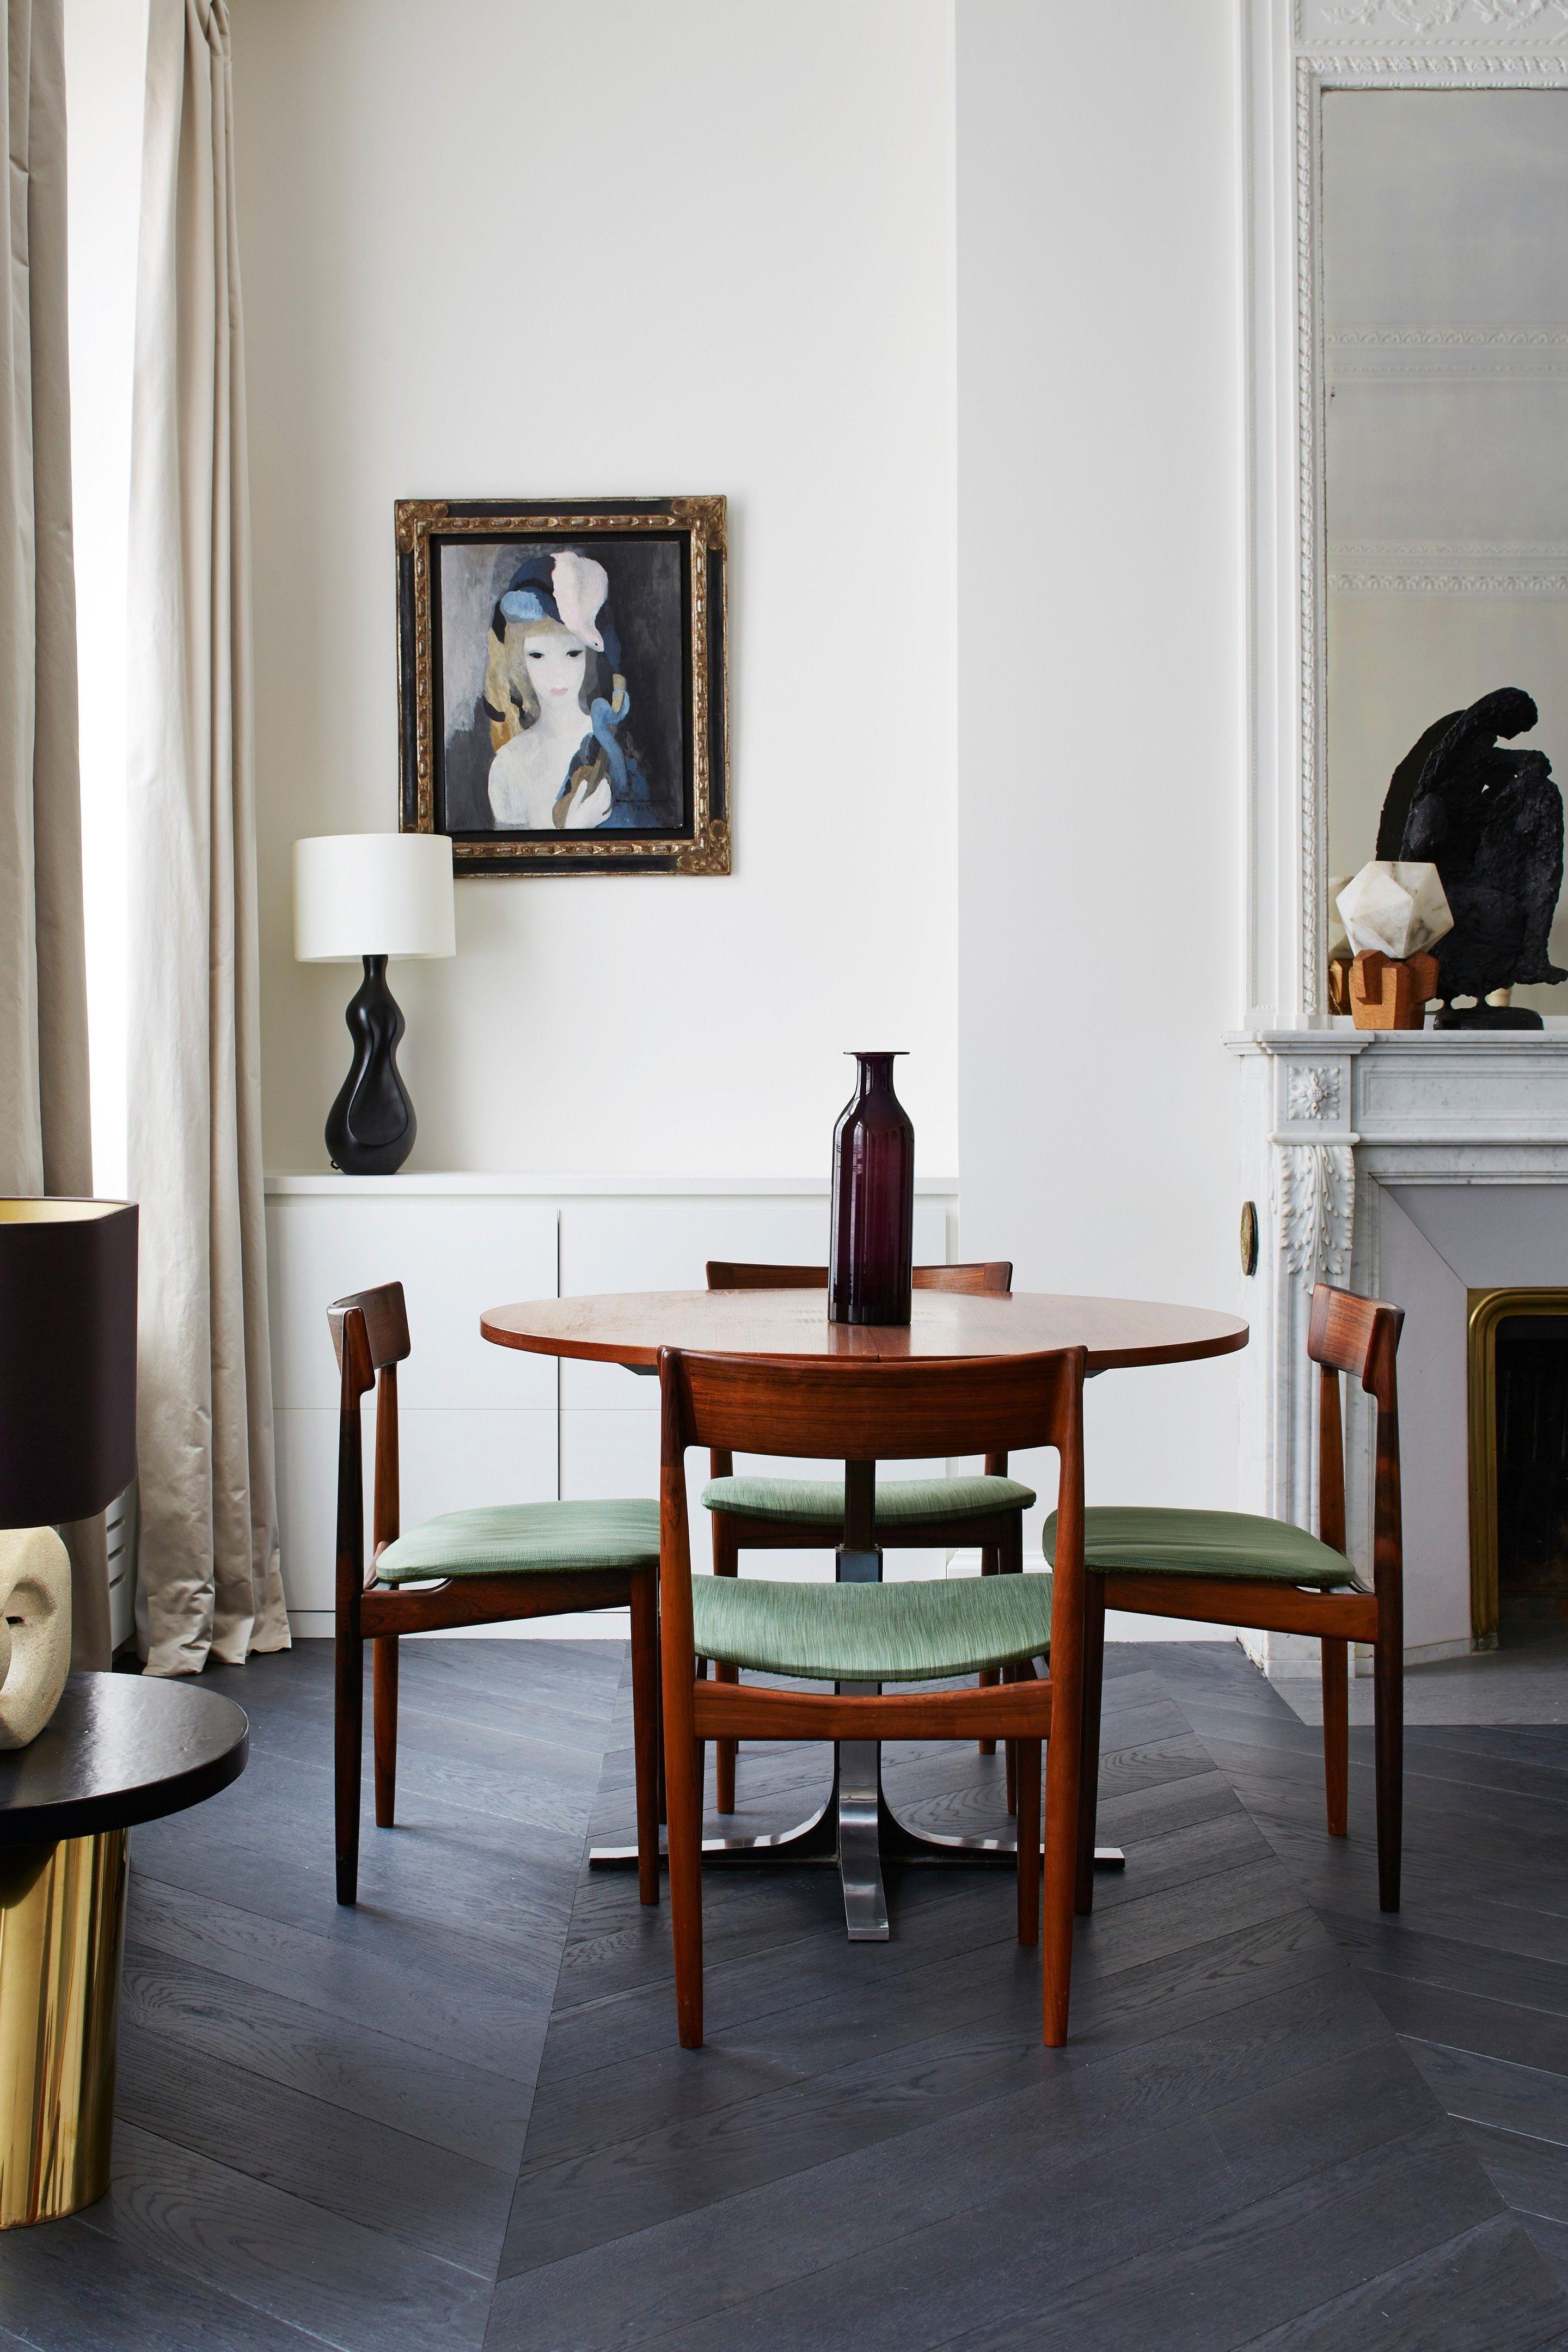 Vendita Mobili Antichi Online Nowarc Interno Appartamento Sale Da Pranzo Moderne Design Della Sala Da Pranzo